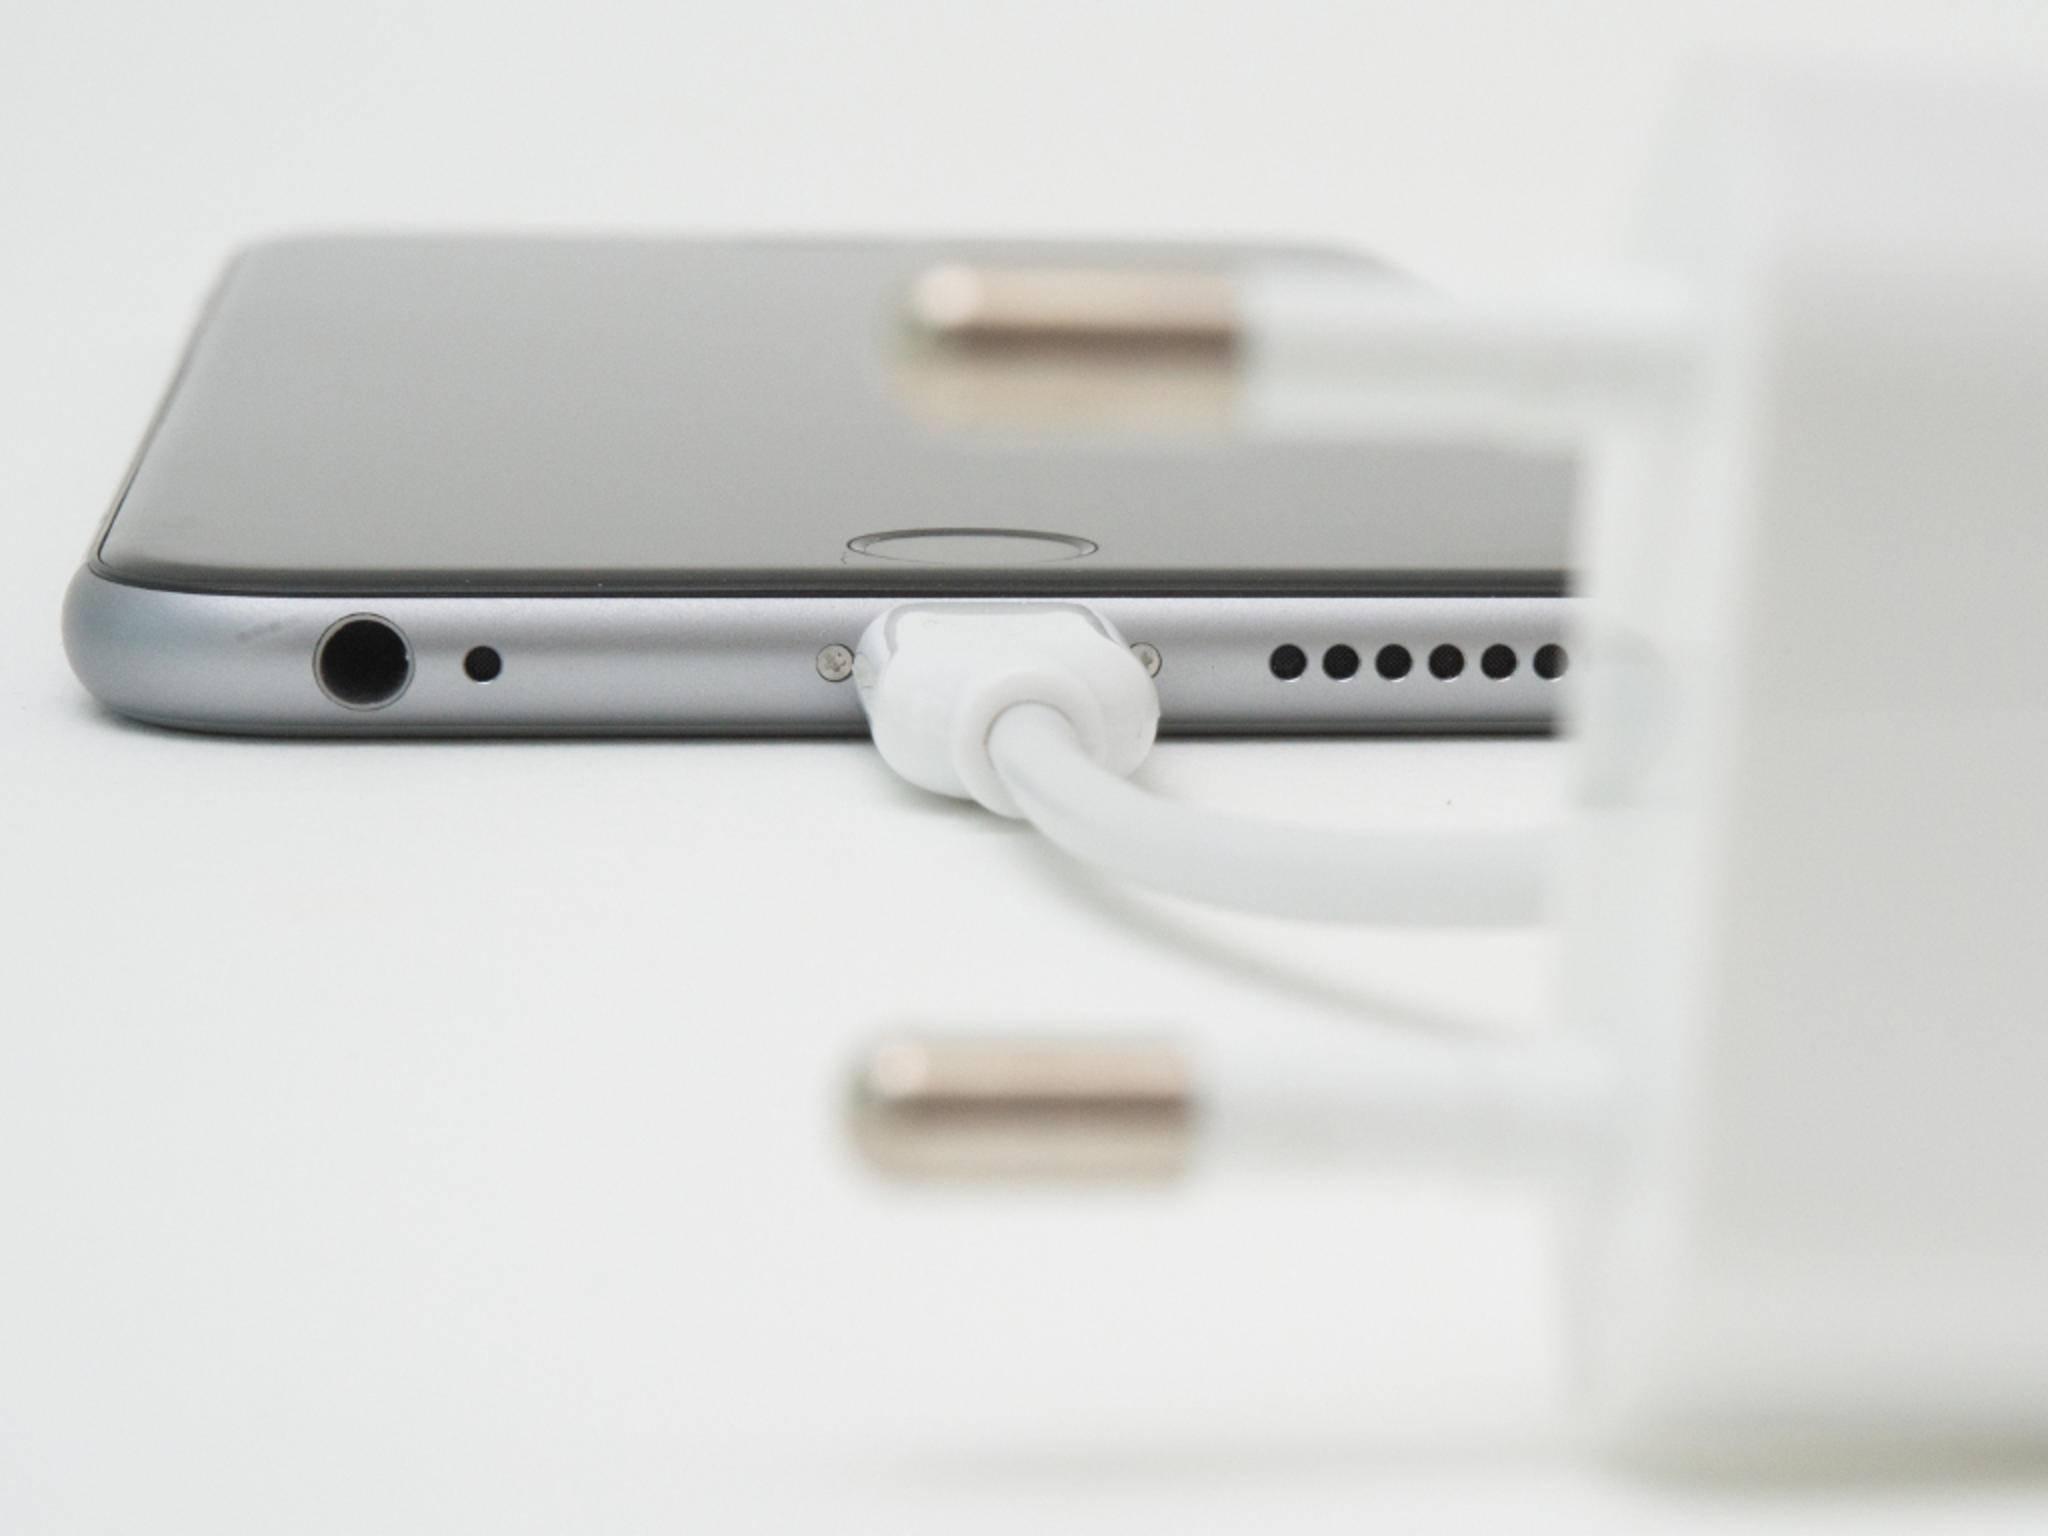 Lightning-Anschluss beim iPhone 6